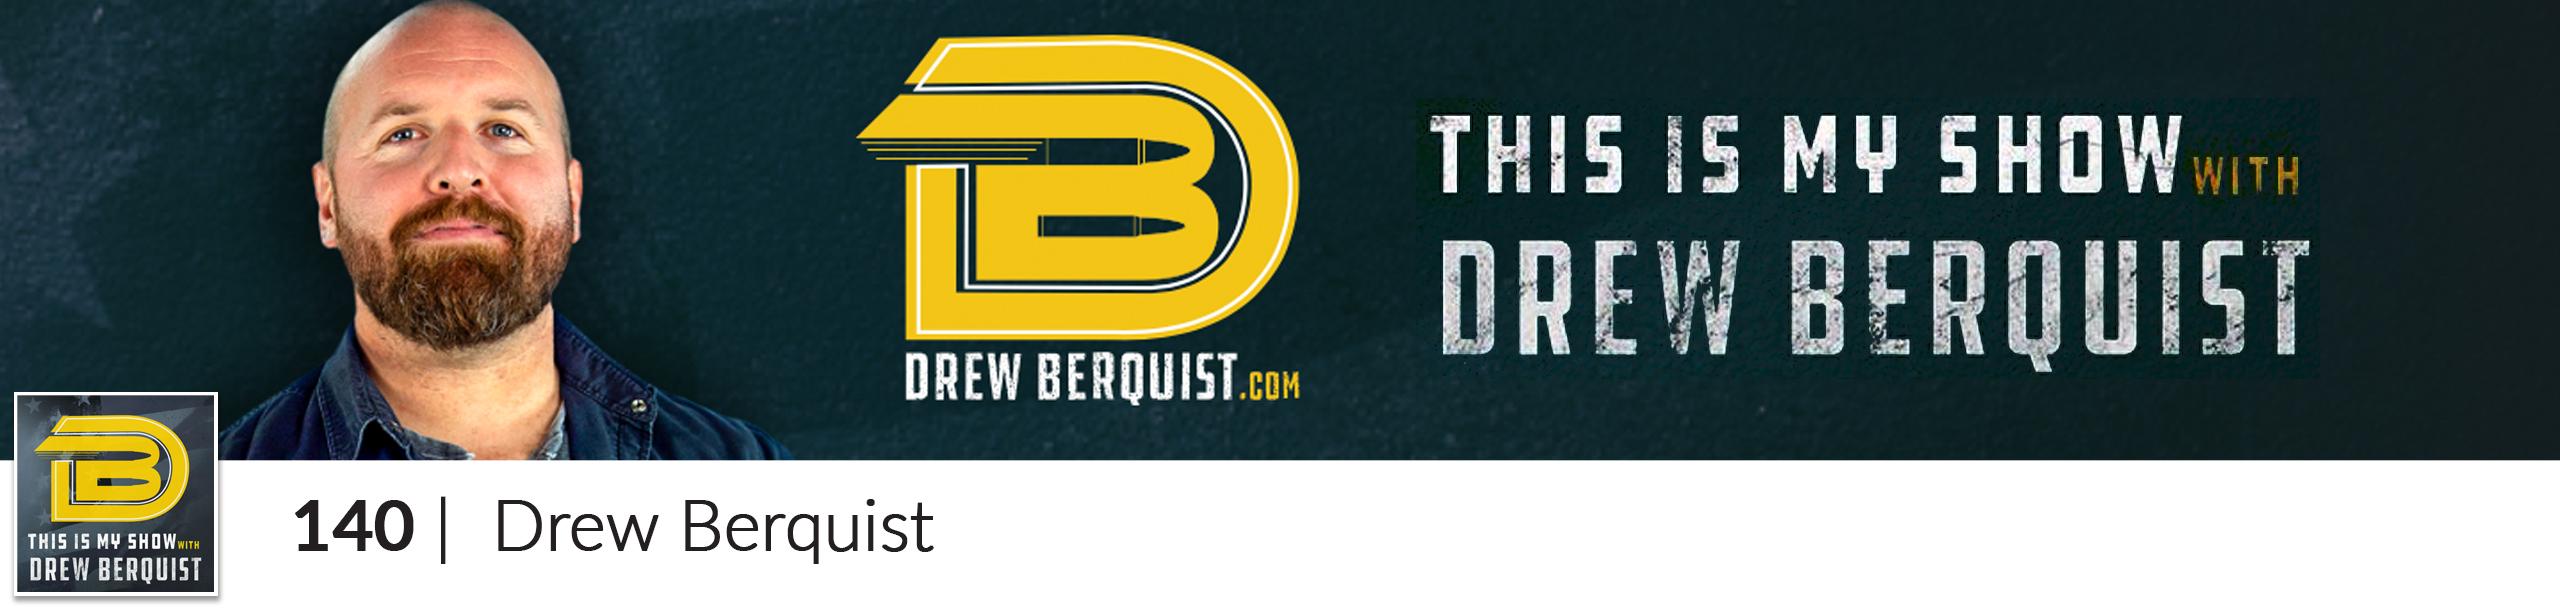 DrewBerquist_header1